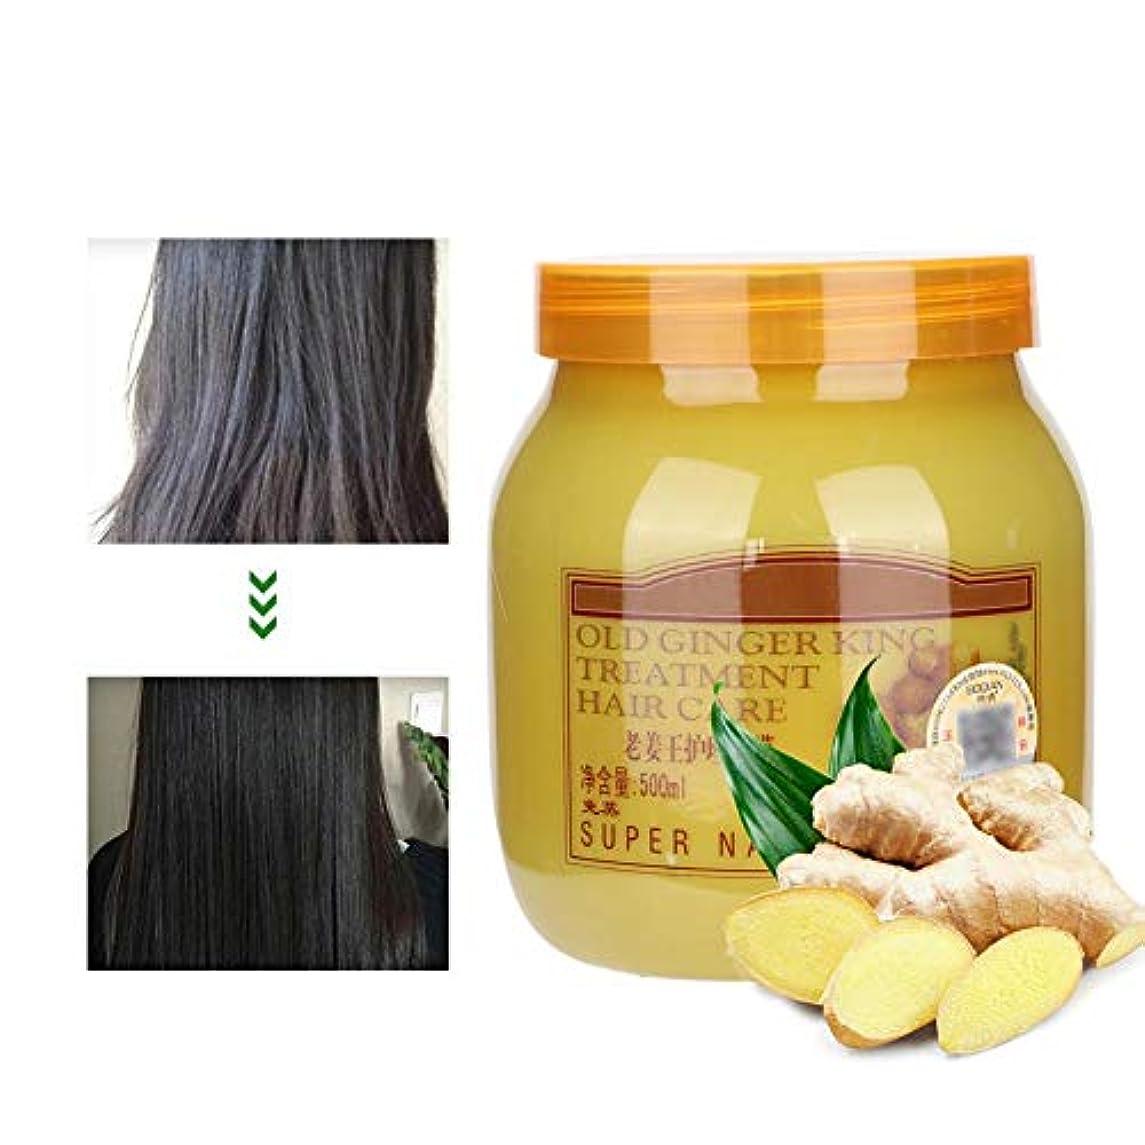 羽擬人化惨めなジンジャーヘアコンディショナー ディープコンディショニングヘア用のリッチエッセンスヘアケアマスク 毛先の改善 髪の損傷の修復と脱毛の改善、光沢の増加と縮れの軽減